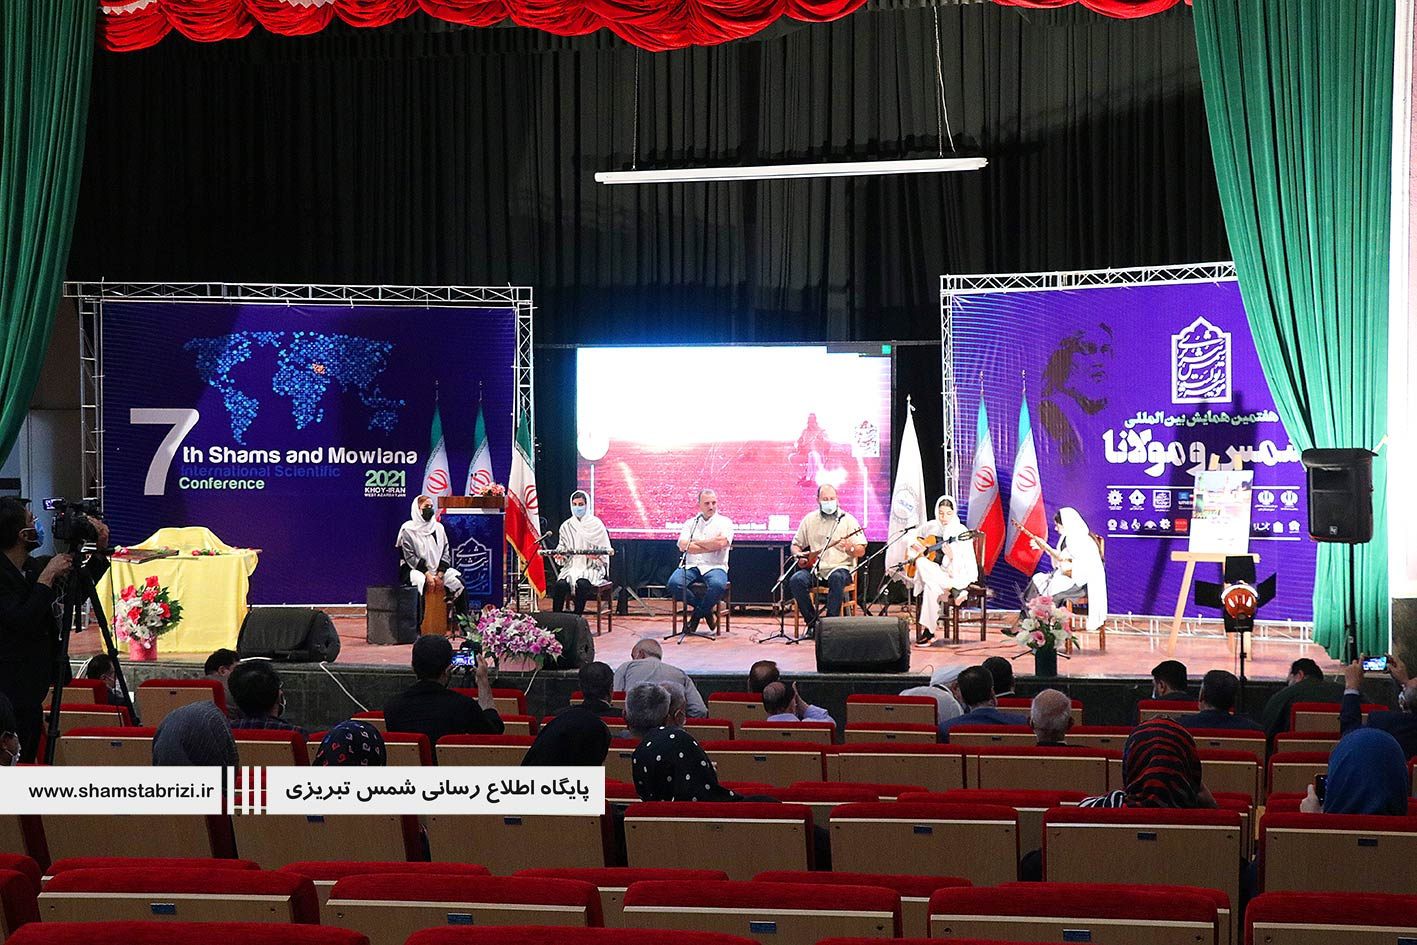 گزارش تصویری (۳) هفتمین همایش بین المللی شمس و مولانا ۷ مهر ۱۴۰۰